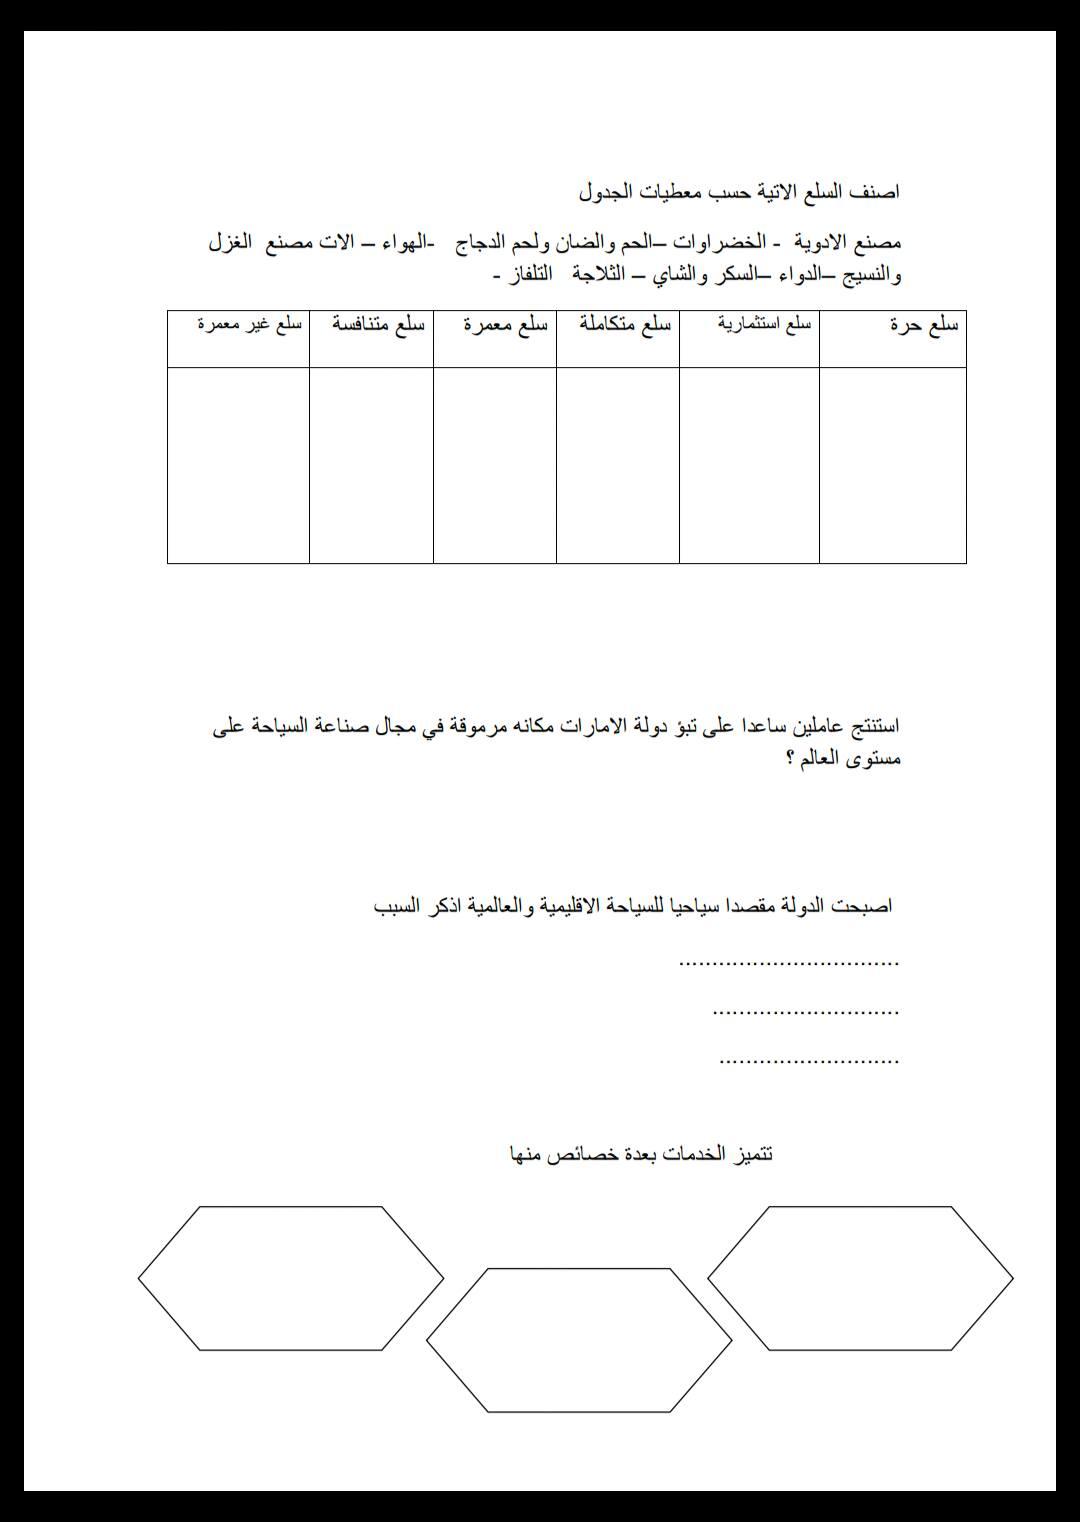 تلخيص درس الاجتماعيات على شكل سوال وجواب لدرسين الاول والثاني لصف السادس   في الامارات